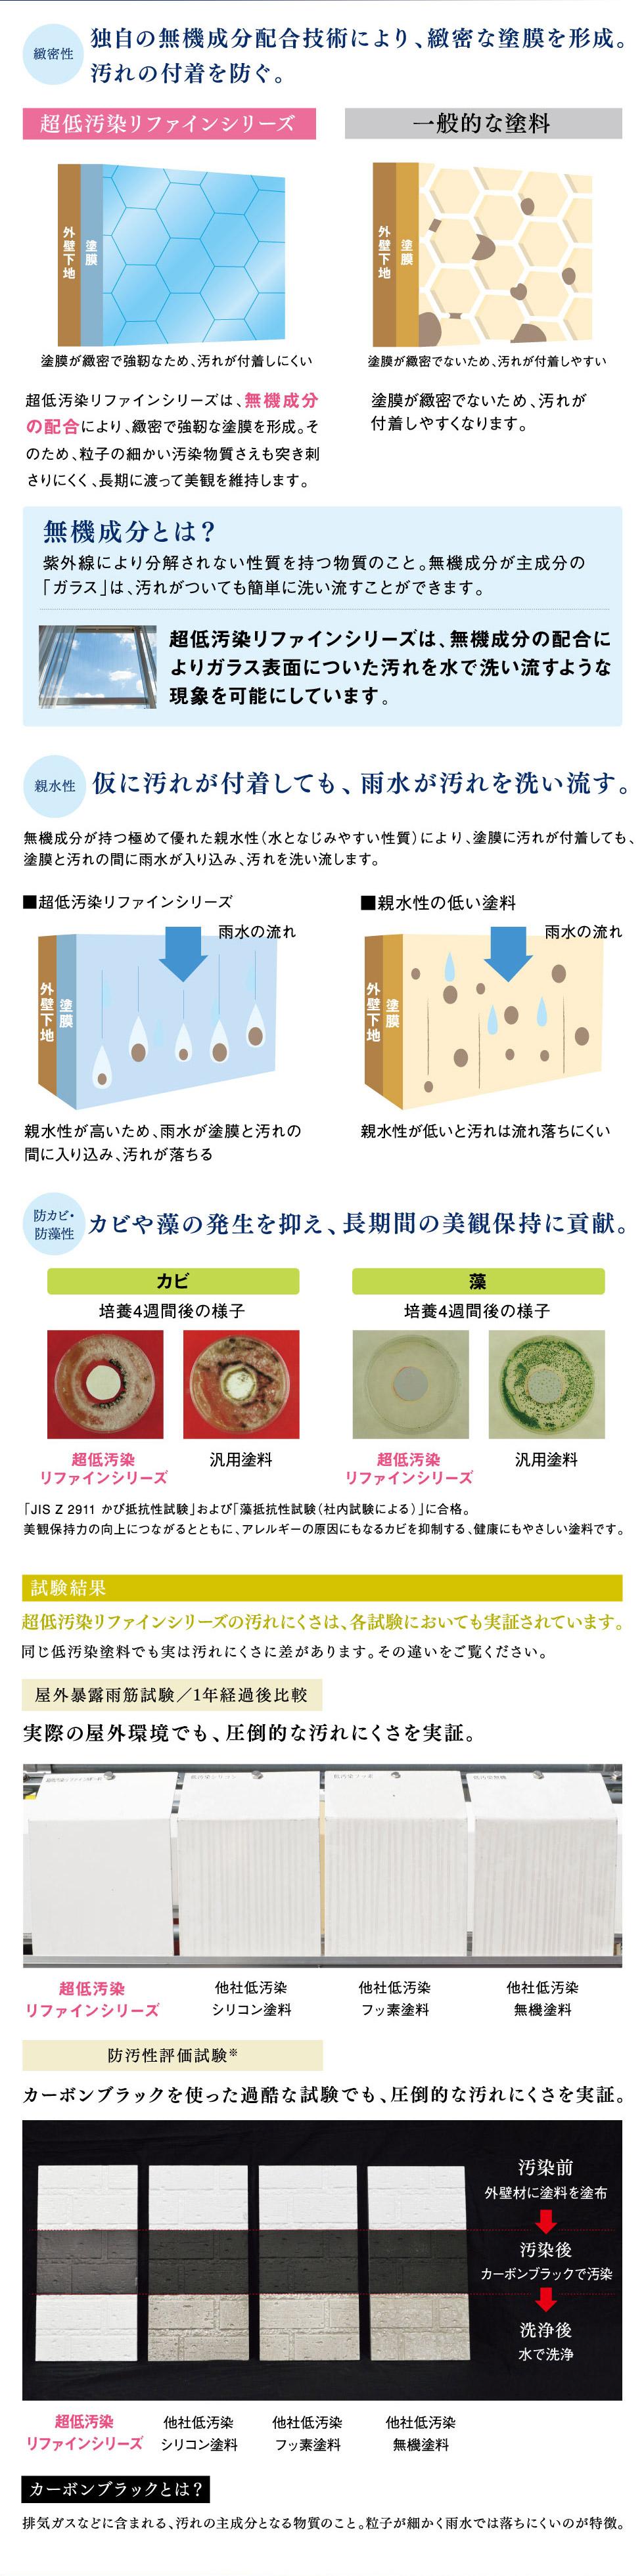 独自の無機成分配合技術により、緻密な塗膜を形成。汚れの付着を防ぐ。